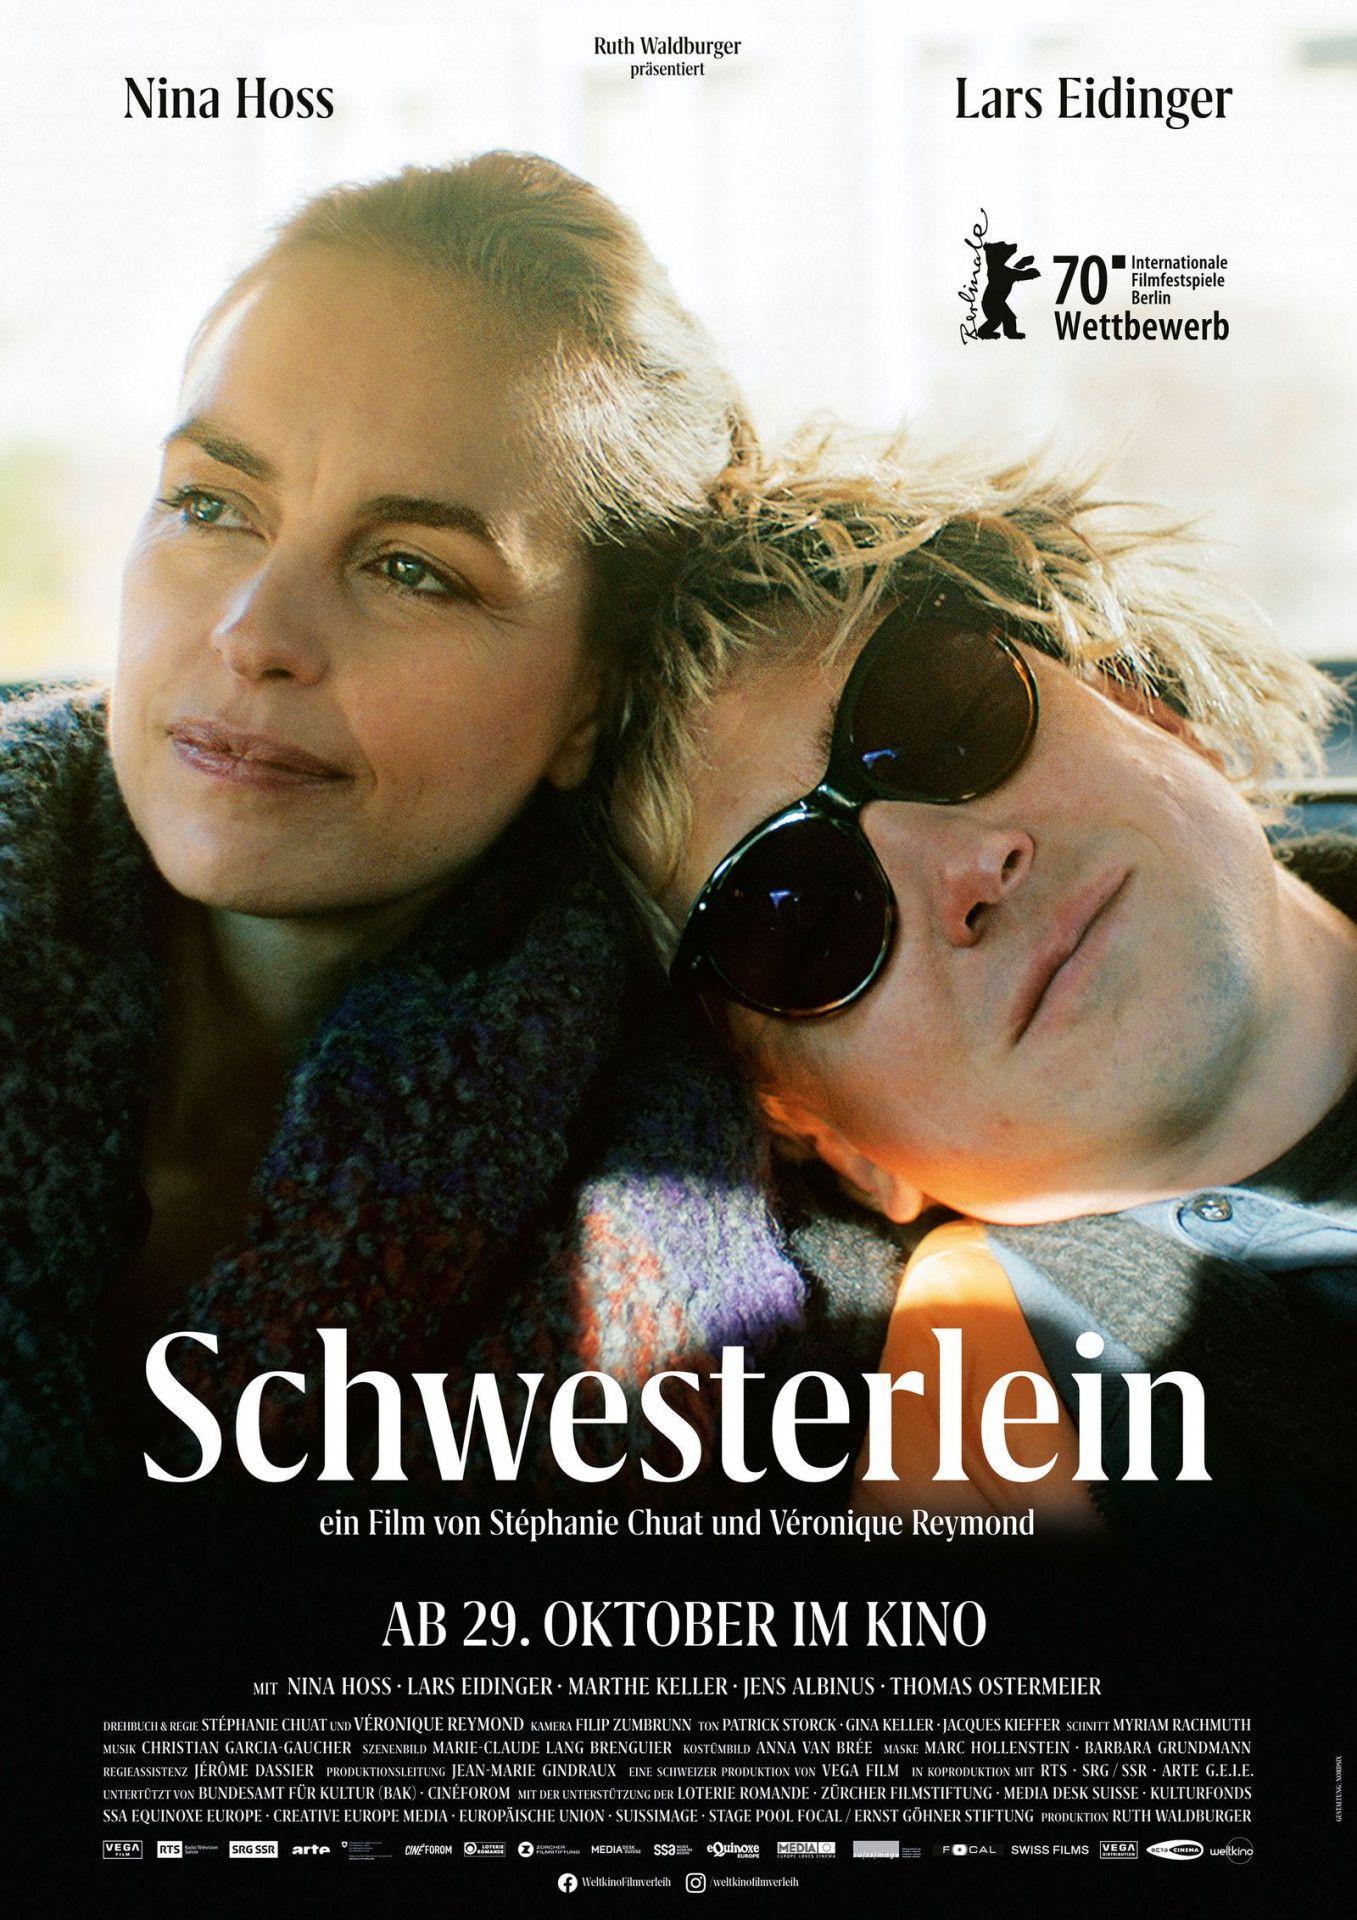 """Nina Hoss kümmert sich als """"Schwesterlein"""" um ihren todkranken Filmbruder Lars Eidinger - kann aber weder den Krebs noch die Klischees besiegen."""